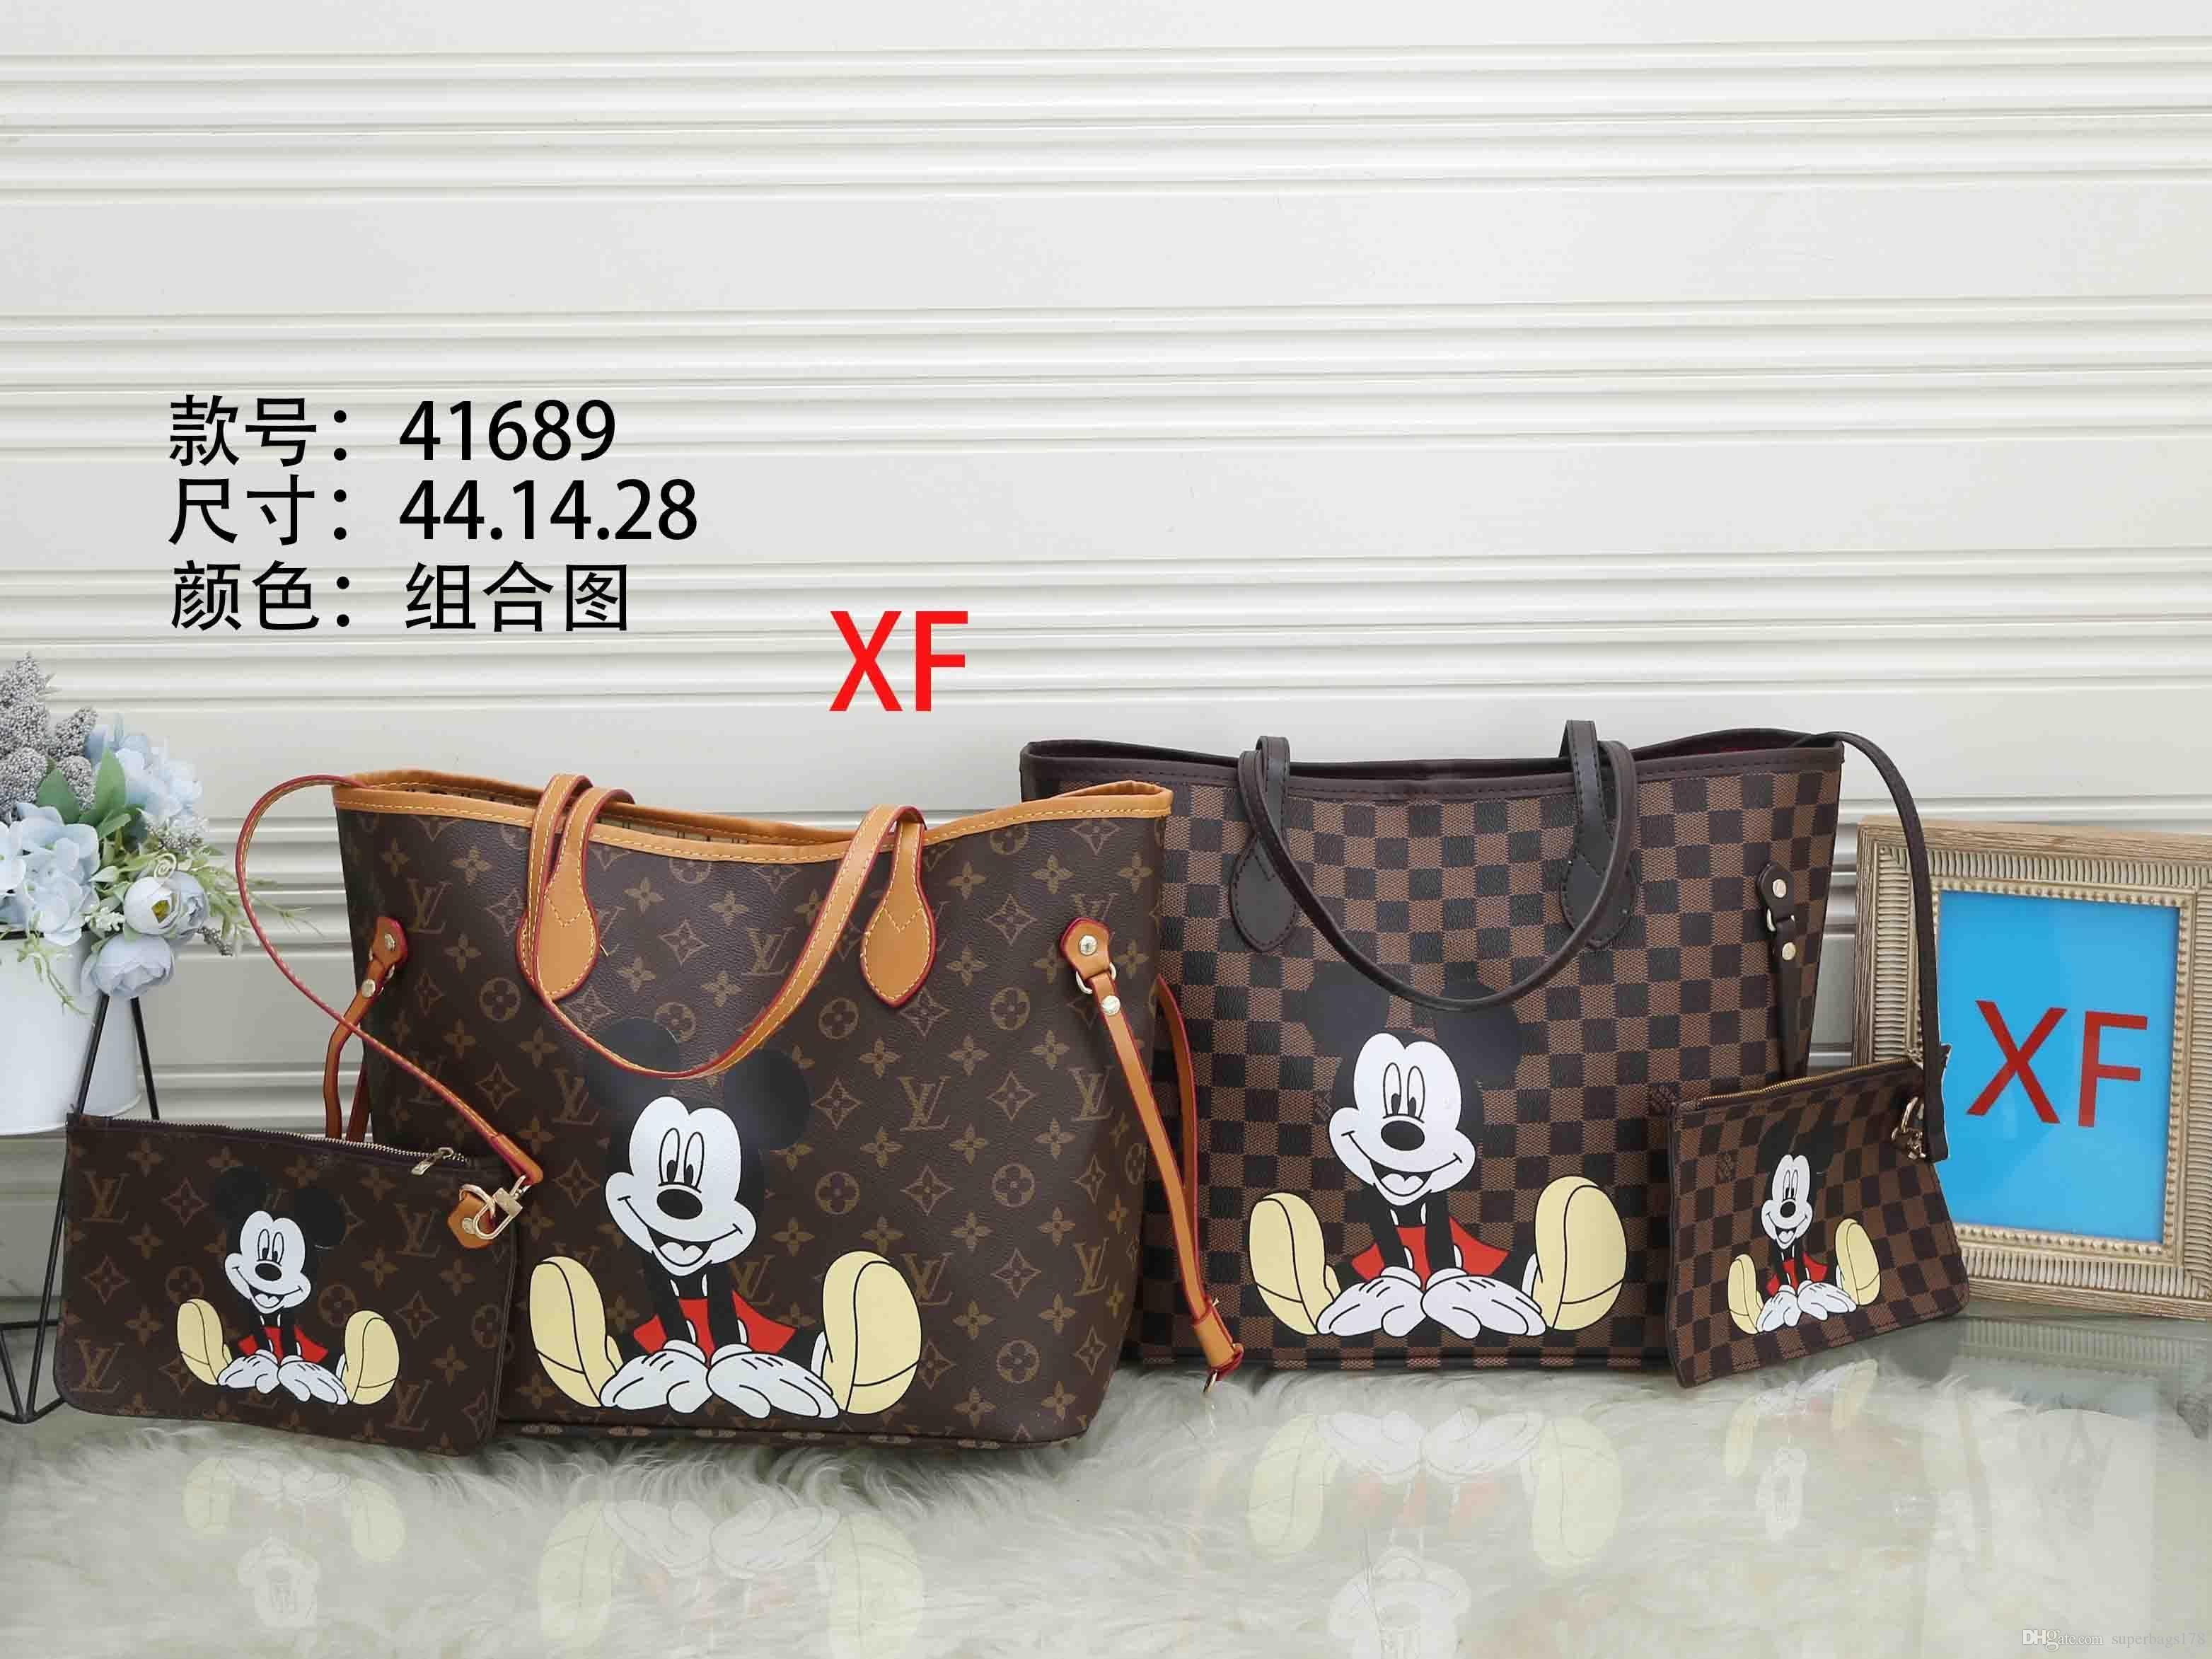 Acreditación XF 41689 Mejor alta calidad del precio de las señoras de bolso de mano individual del bolso del totalizador del hombro mochila cartera